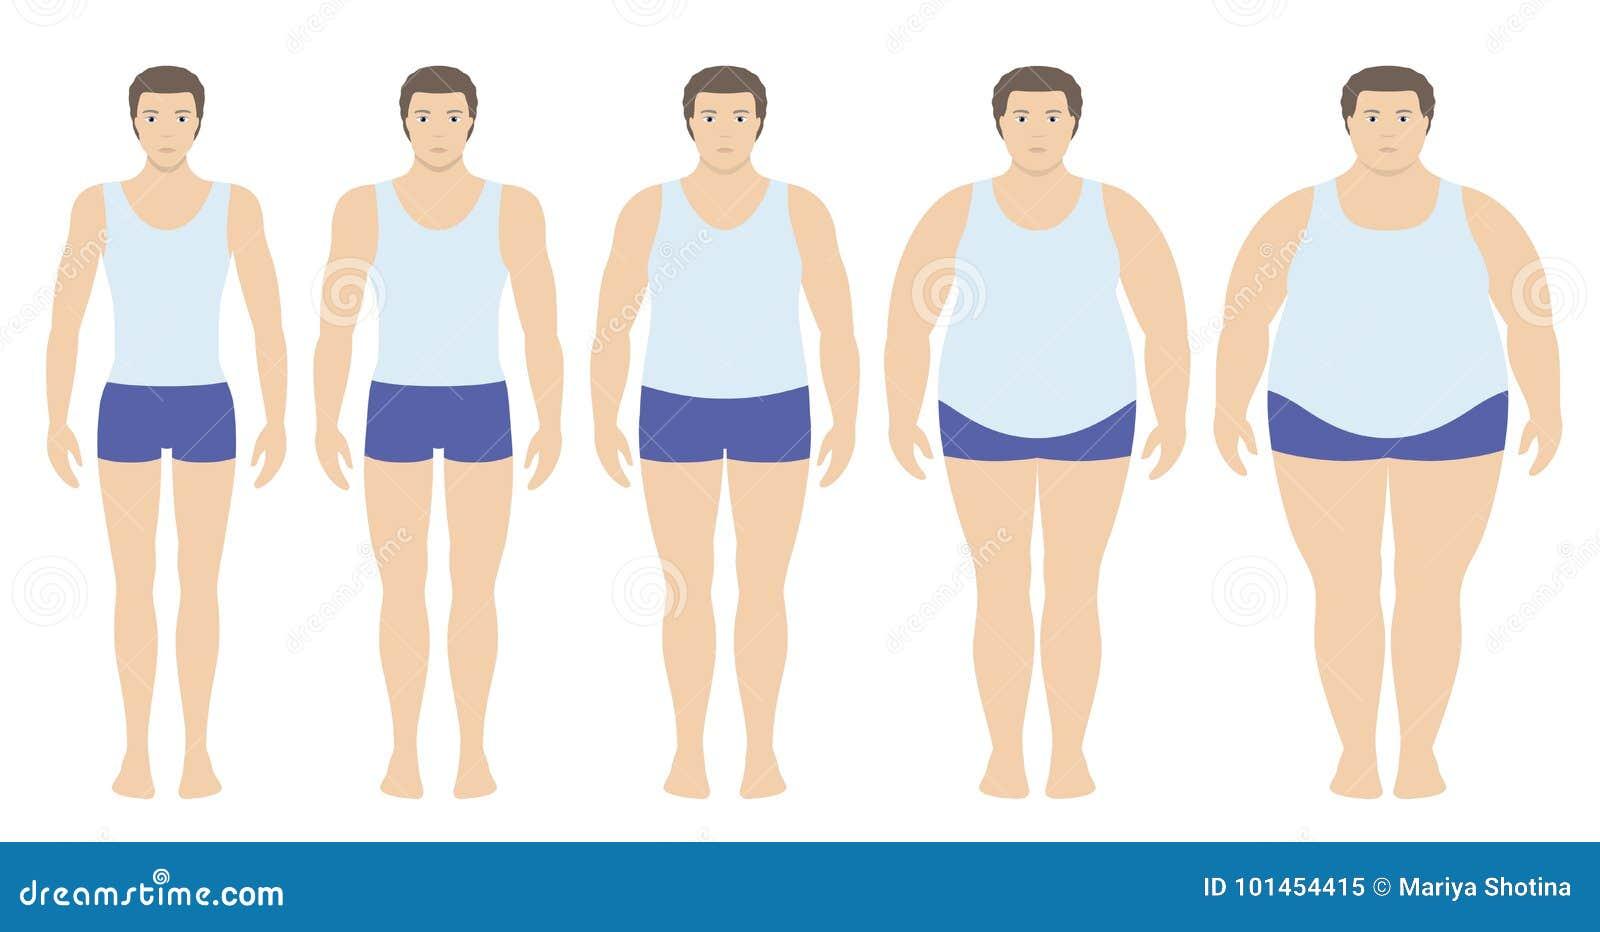 Illustration de vecteur d indice de masse corporelle du poids insuffisant extrêmement à obèse dans le style plat Homme avec diffé